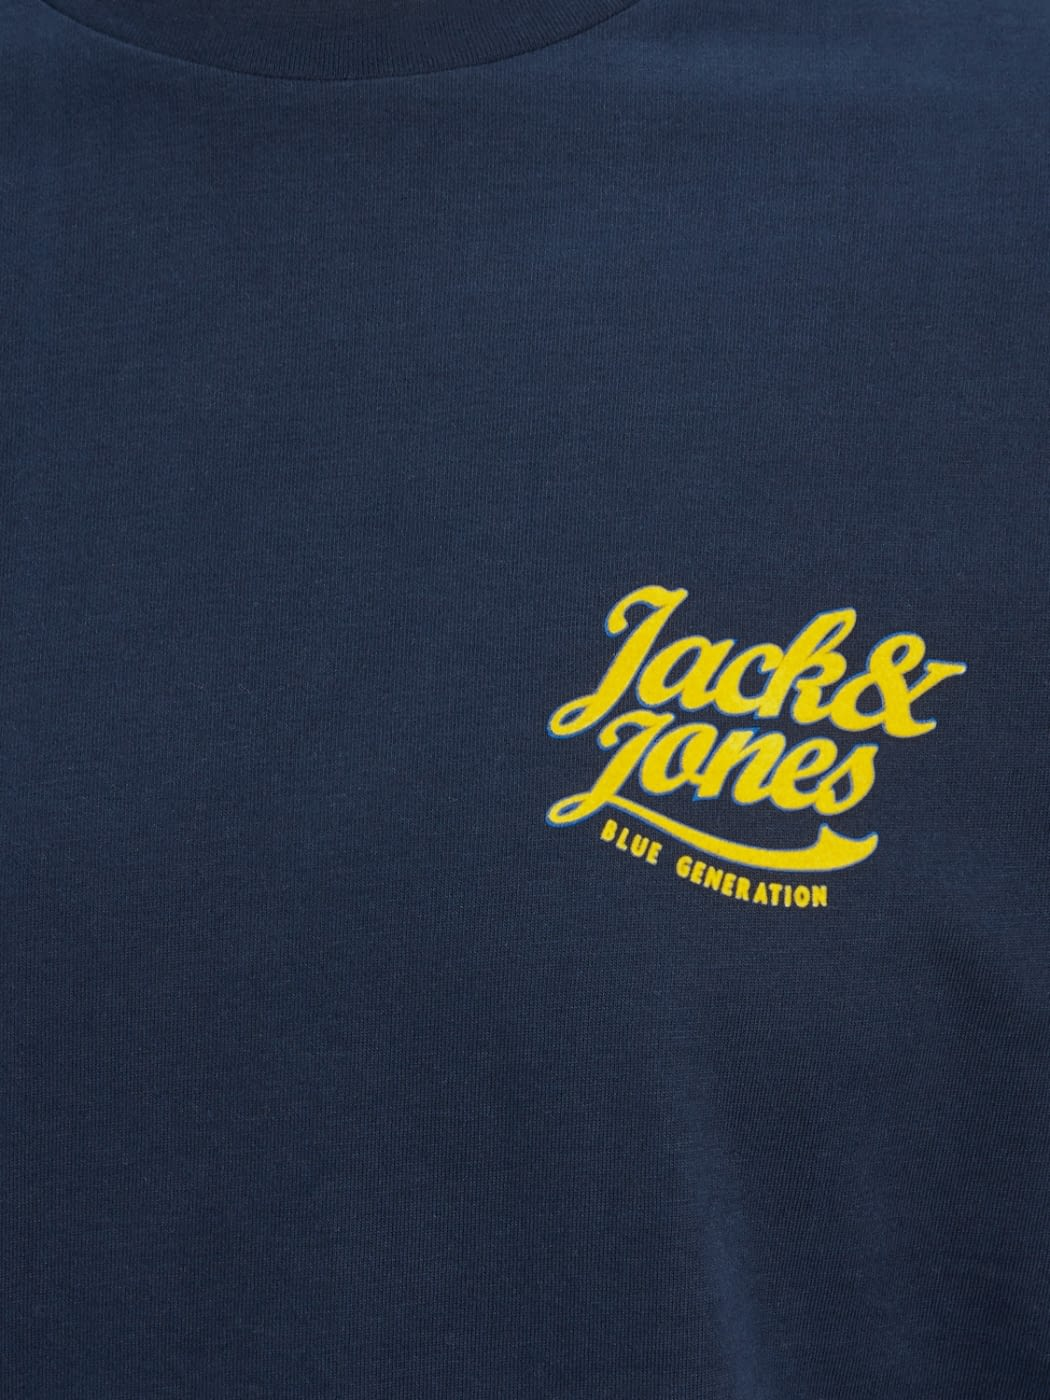 JACK & JONES camiseta manga larga JORLARS